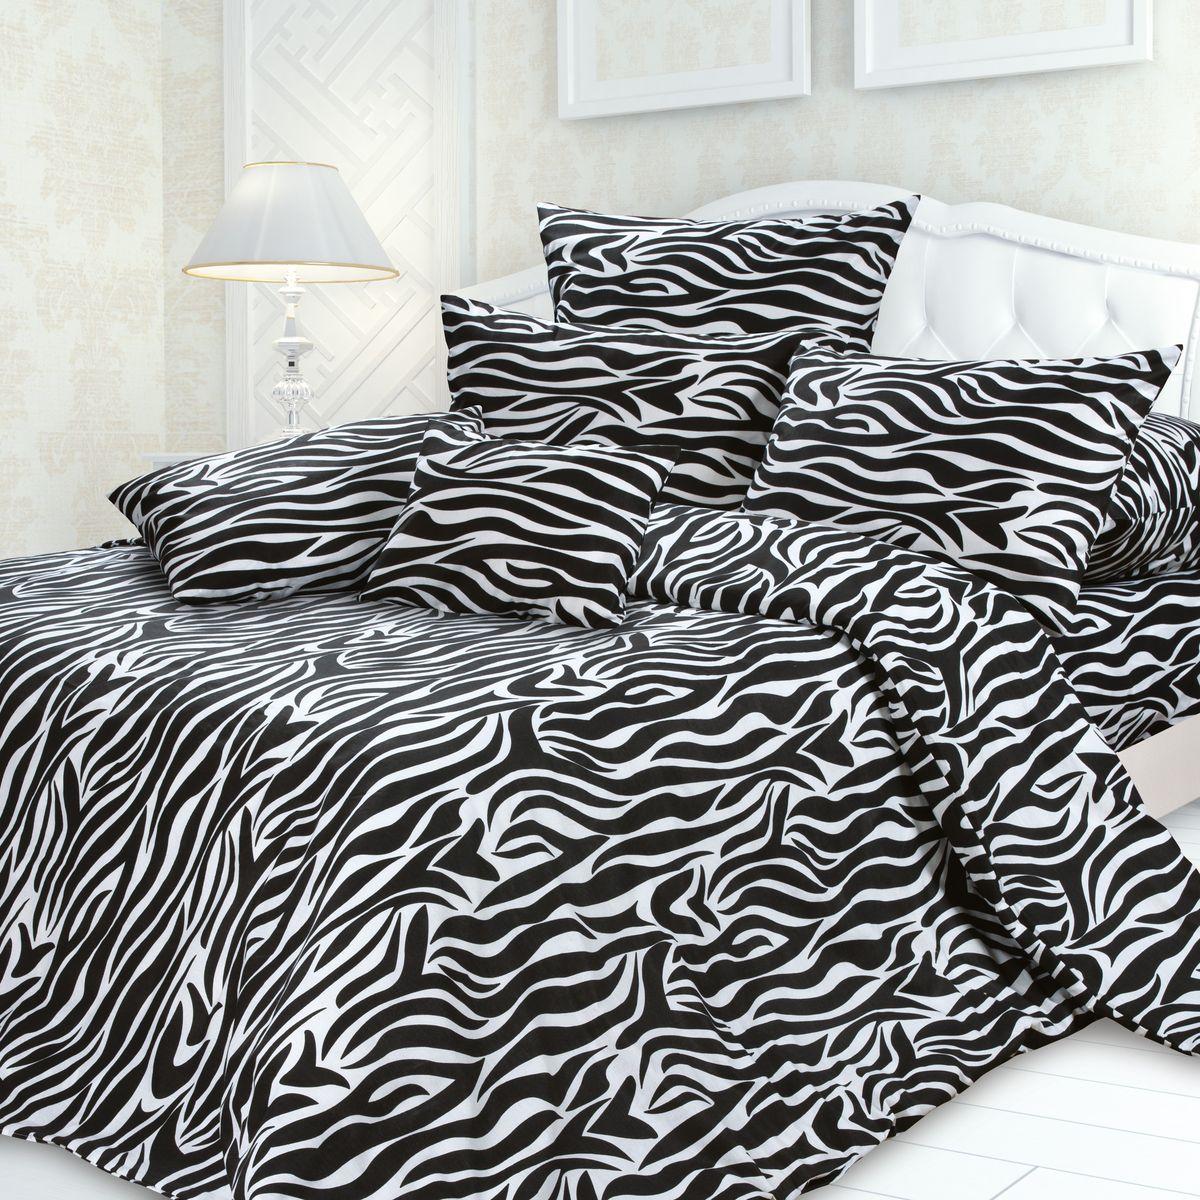 Комплект белья Унисон Эгоист, 1,5 спальное, наволочки 70 x 70, цвет: черный. 239655239655